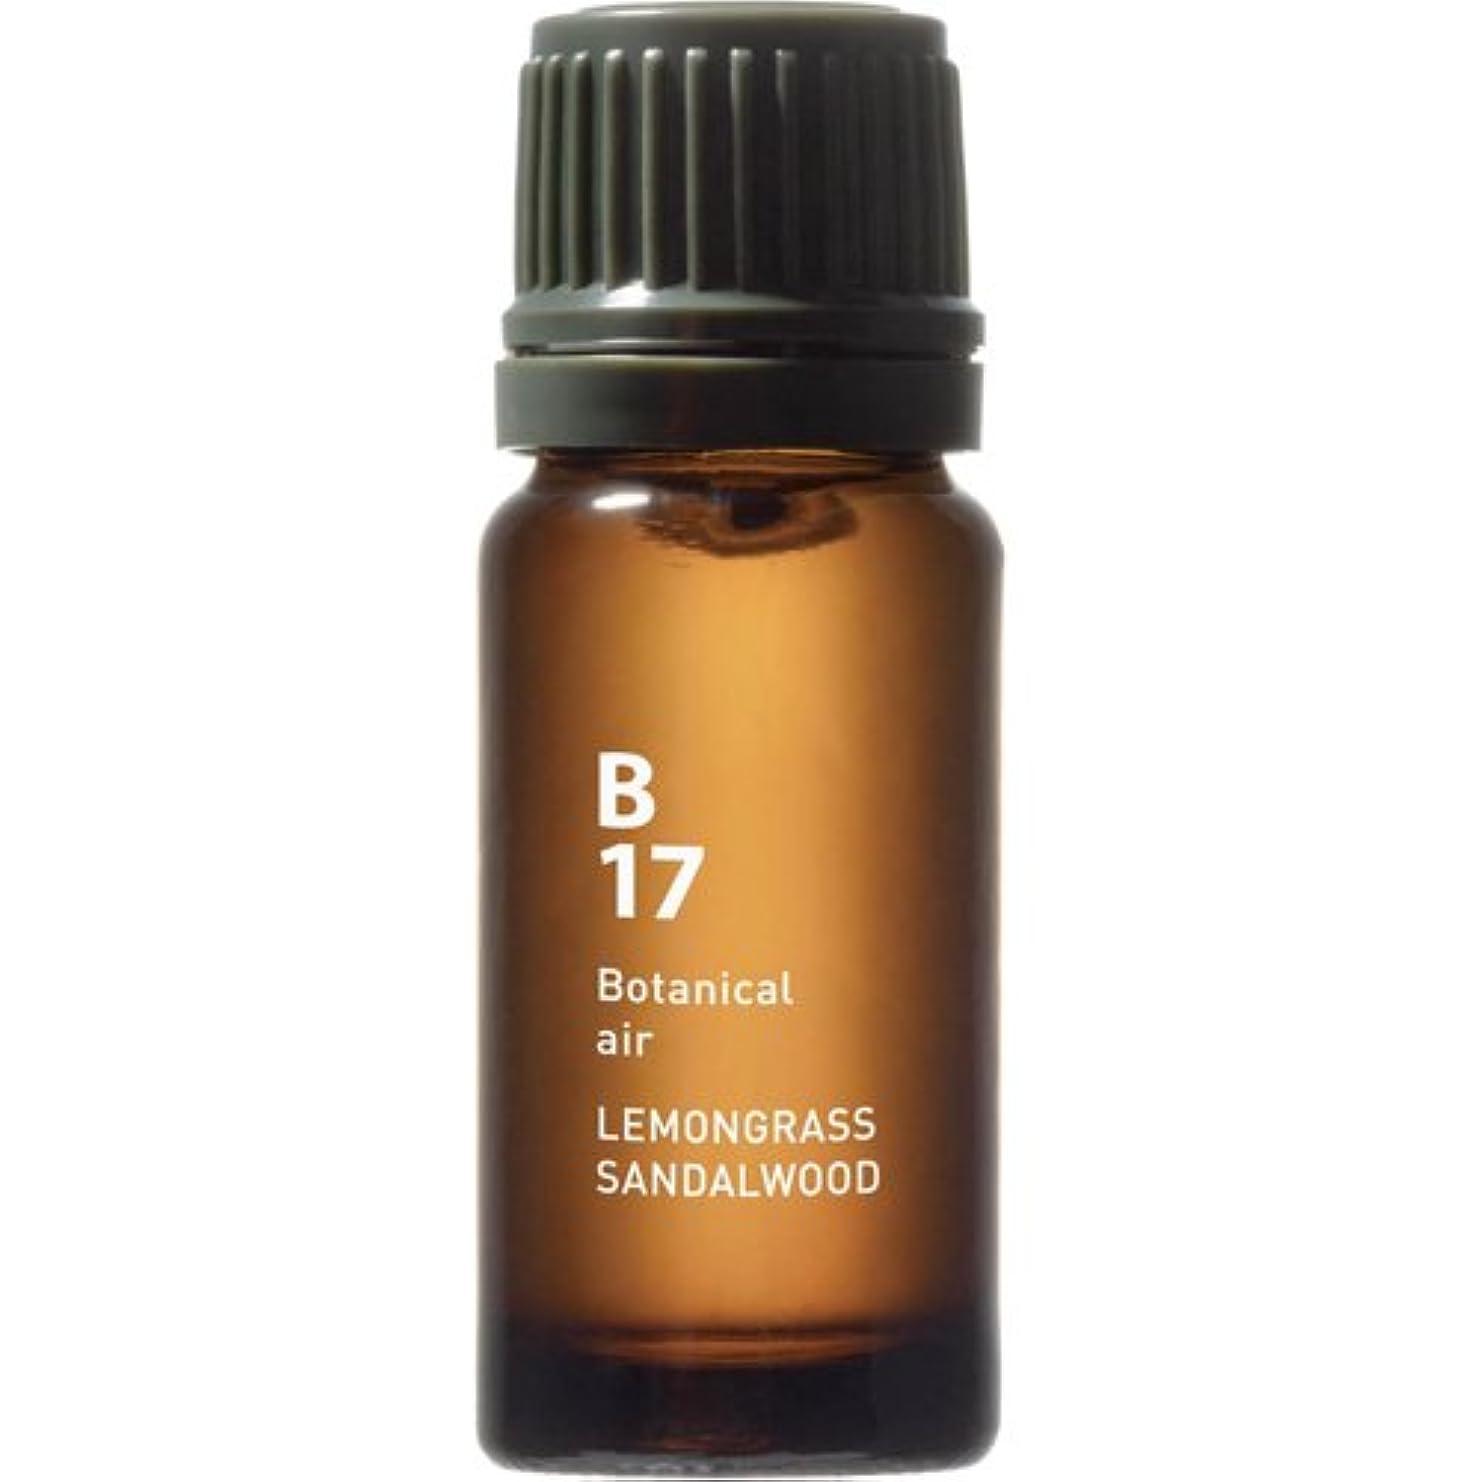 放つベイビー欠如B17 レモングラスサンダルウッド Botanical air(ボタニカルエアー) 10ml